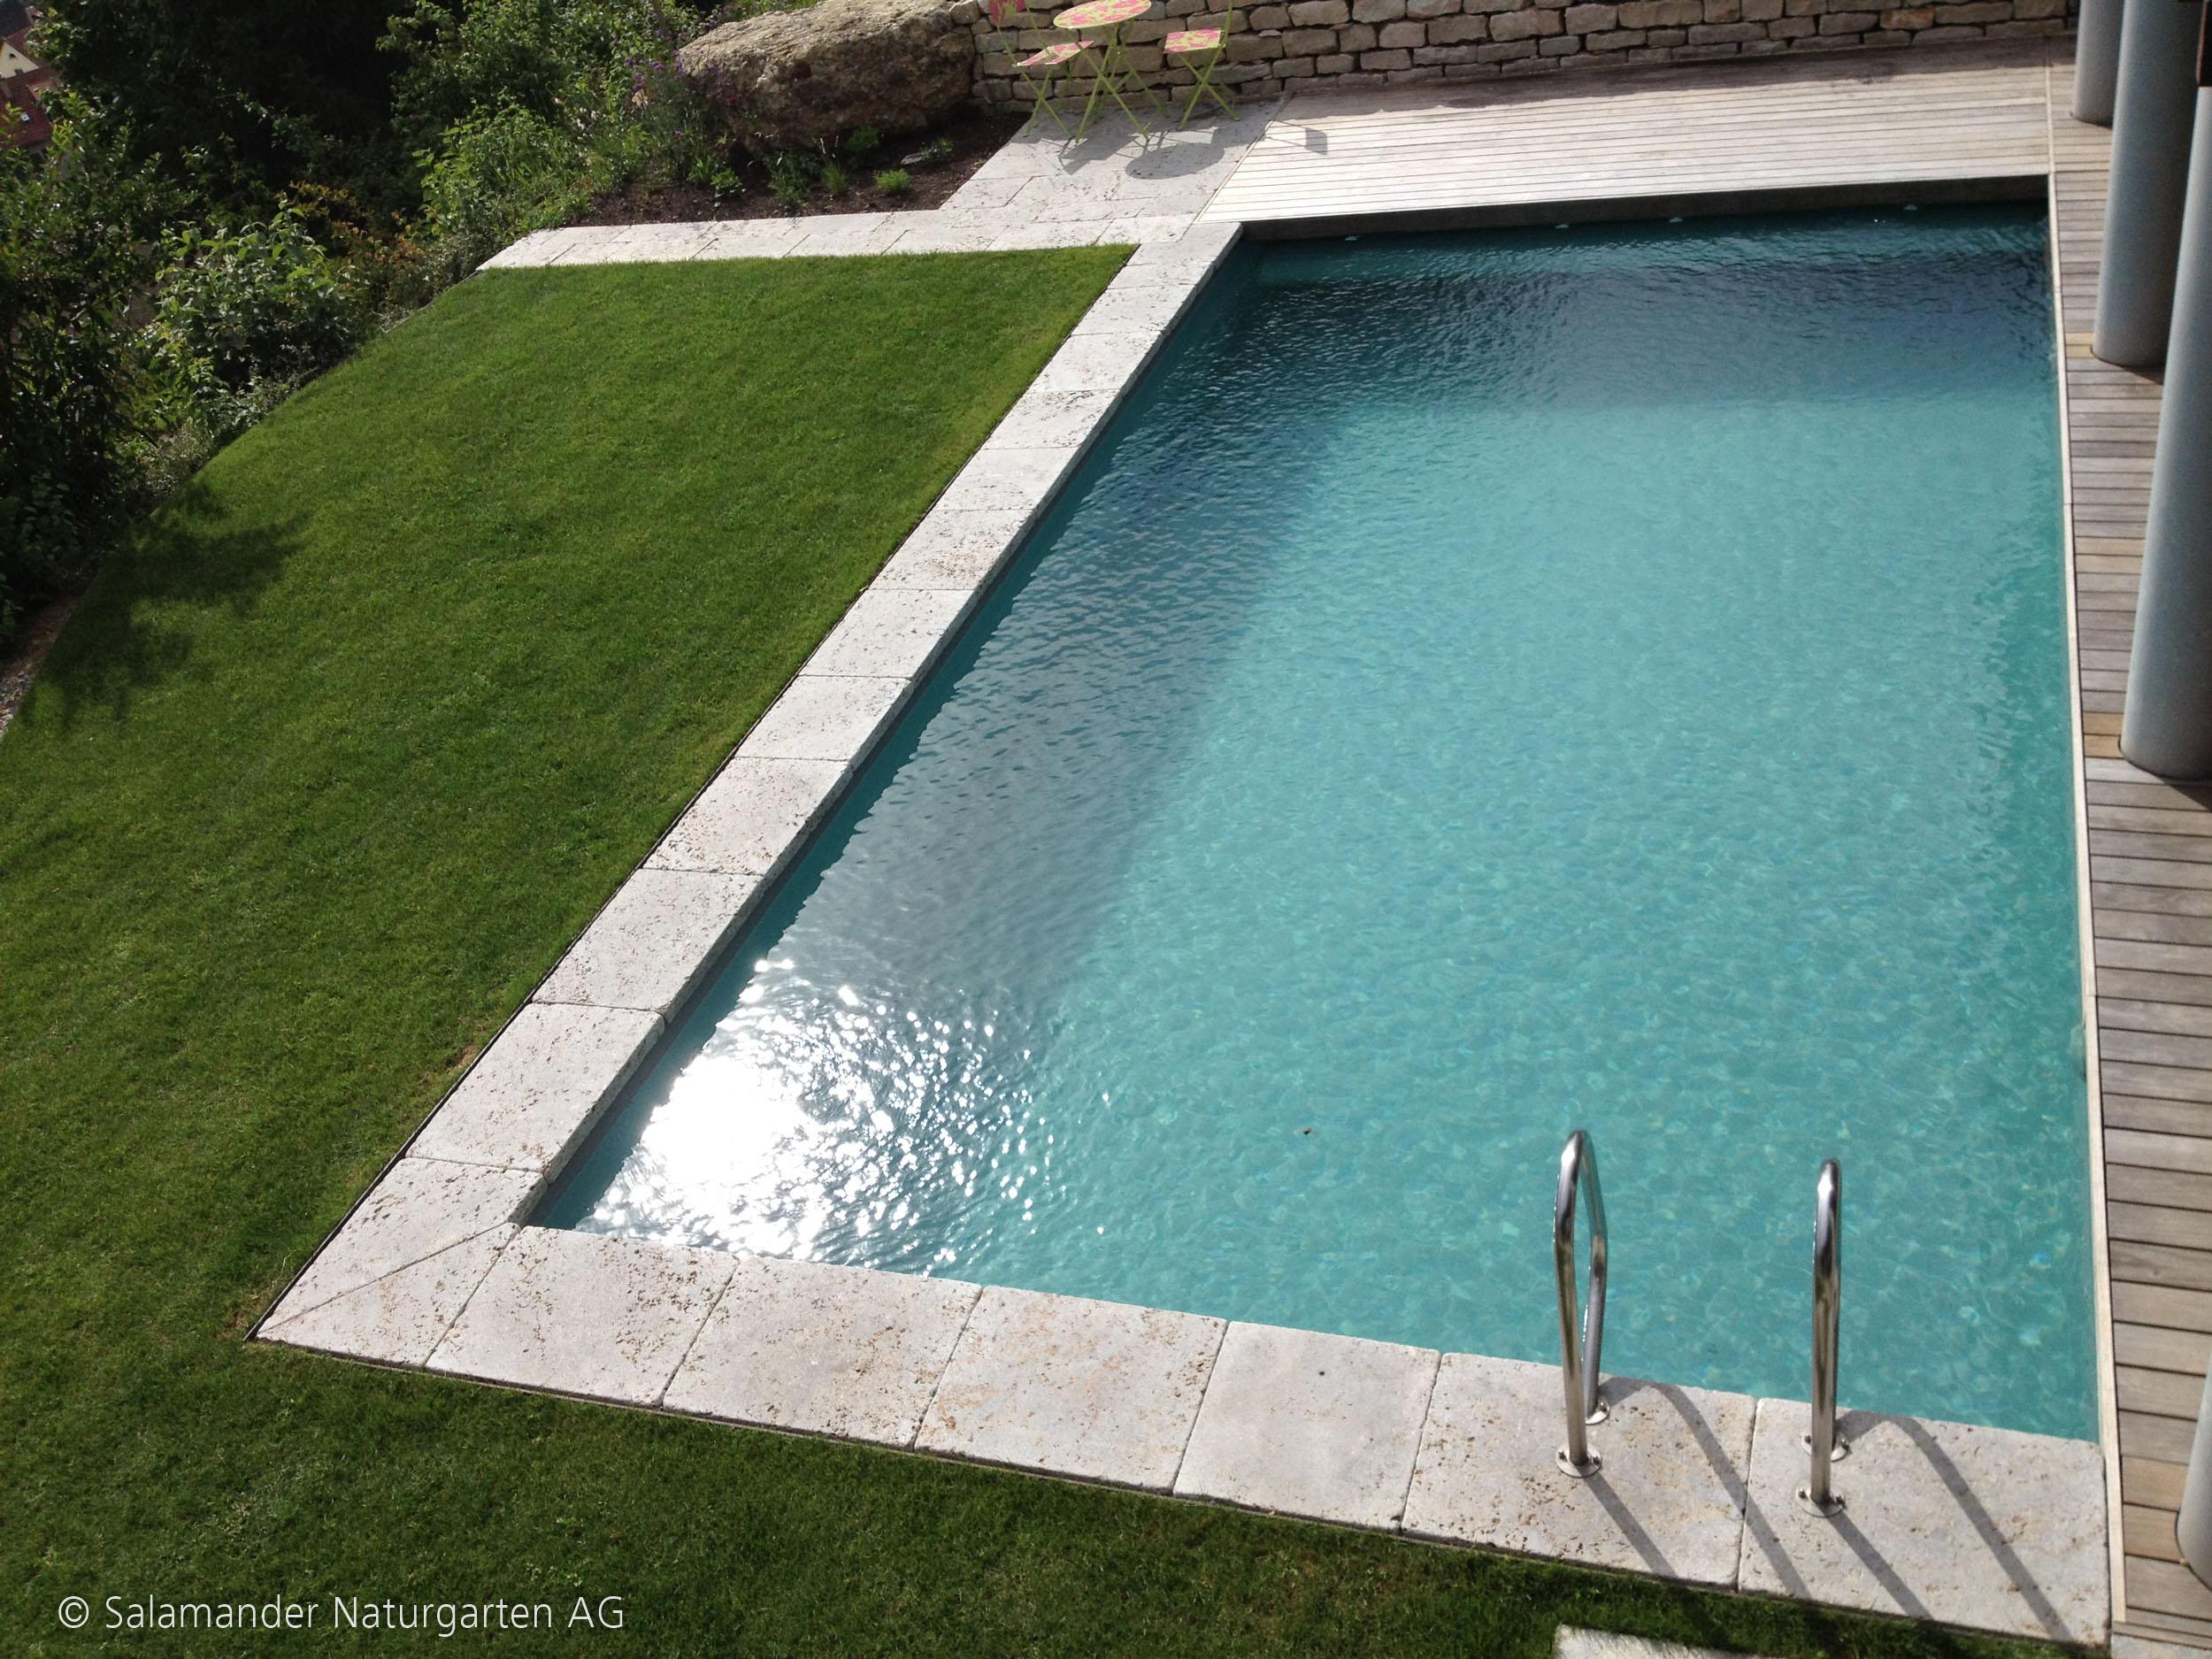 welches ist der perfekte schwimmteich f r mich einf hrung salamander naturgarten ag. Black Bedroom Furniture Sets. Home Design Ideas